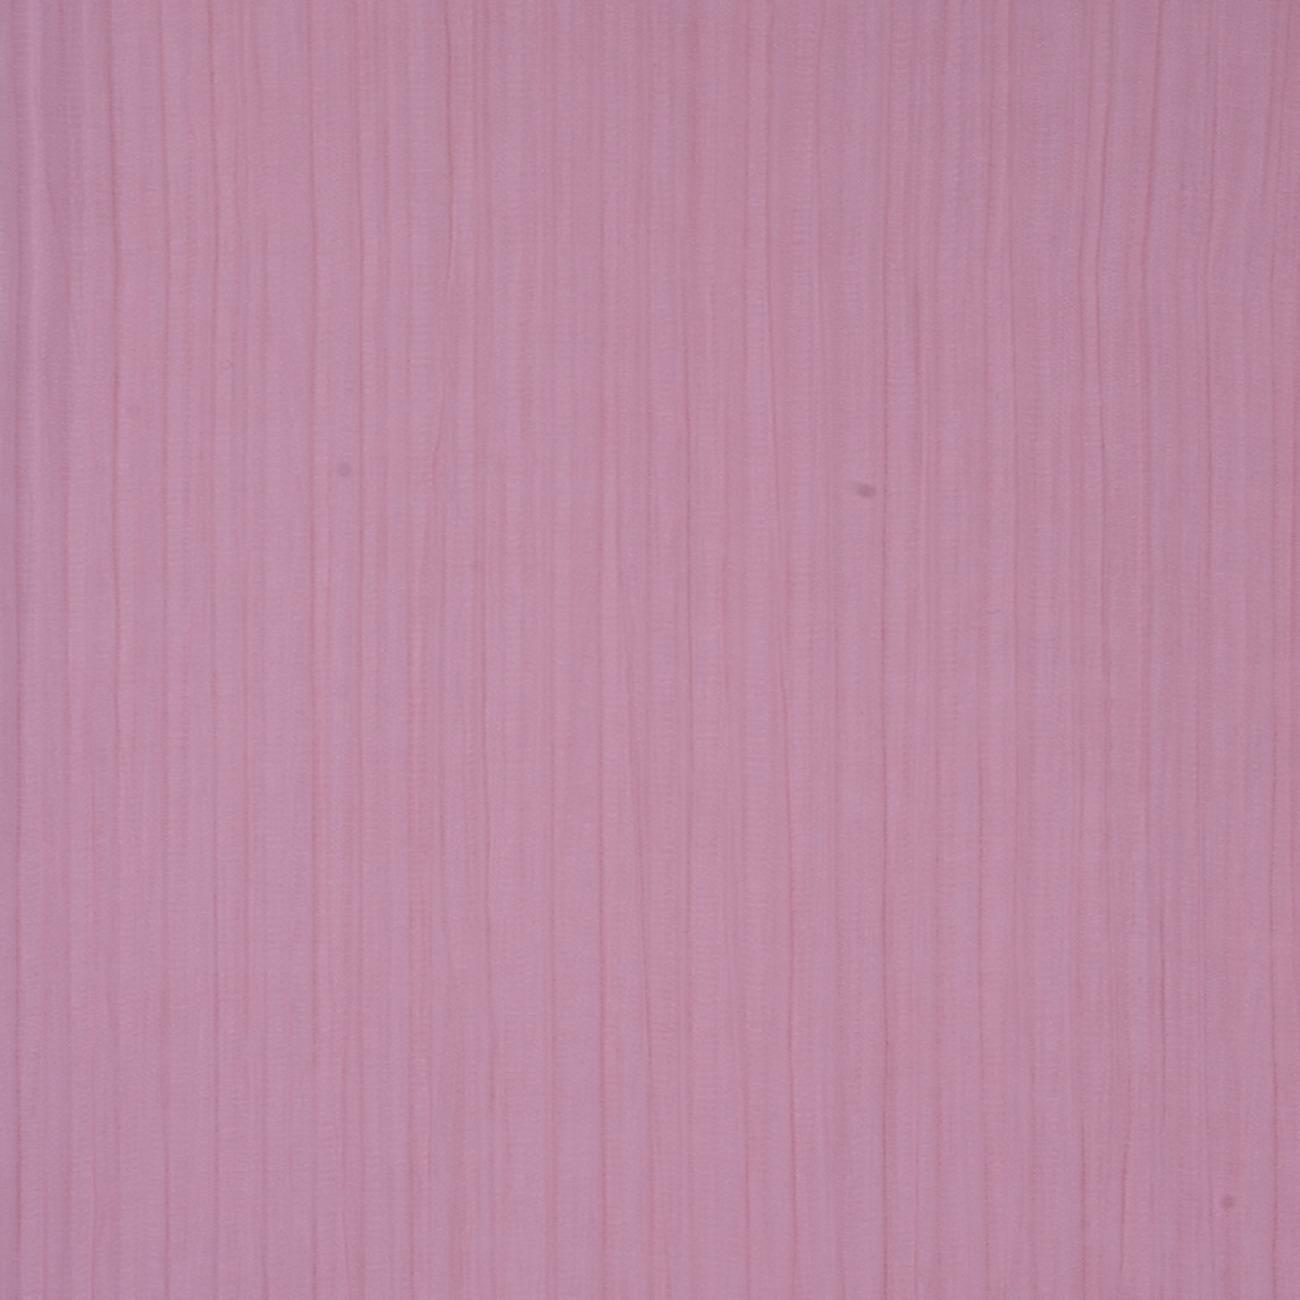 期货 素色褶皱条纹柔软无弹 夏 连衣裙 衬衣 61219-73